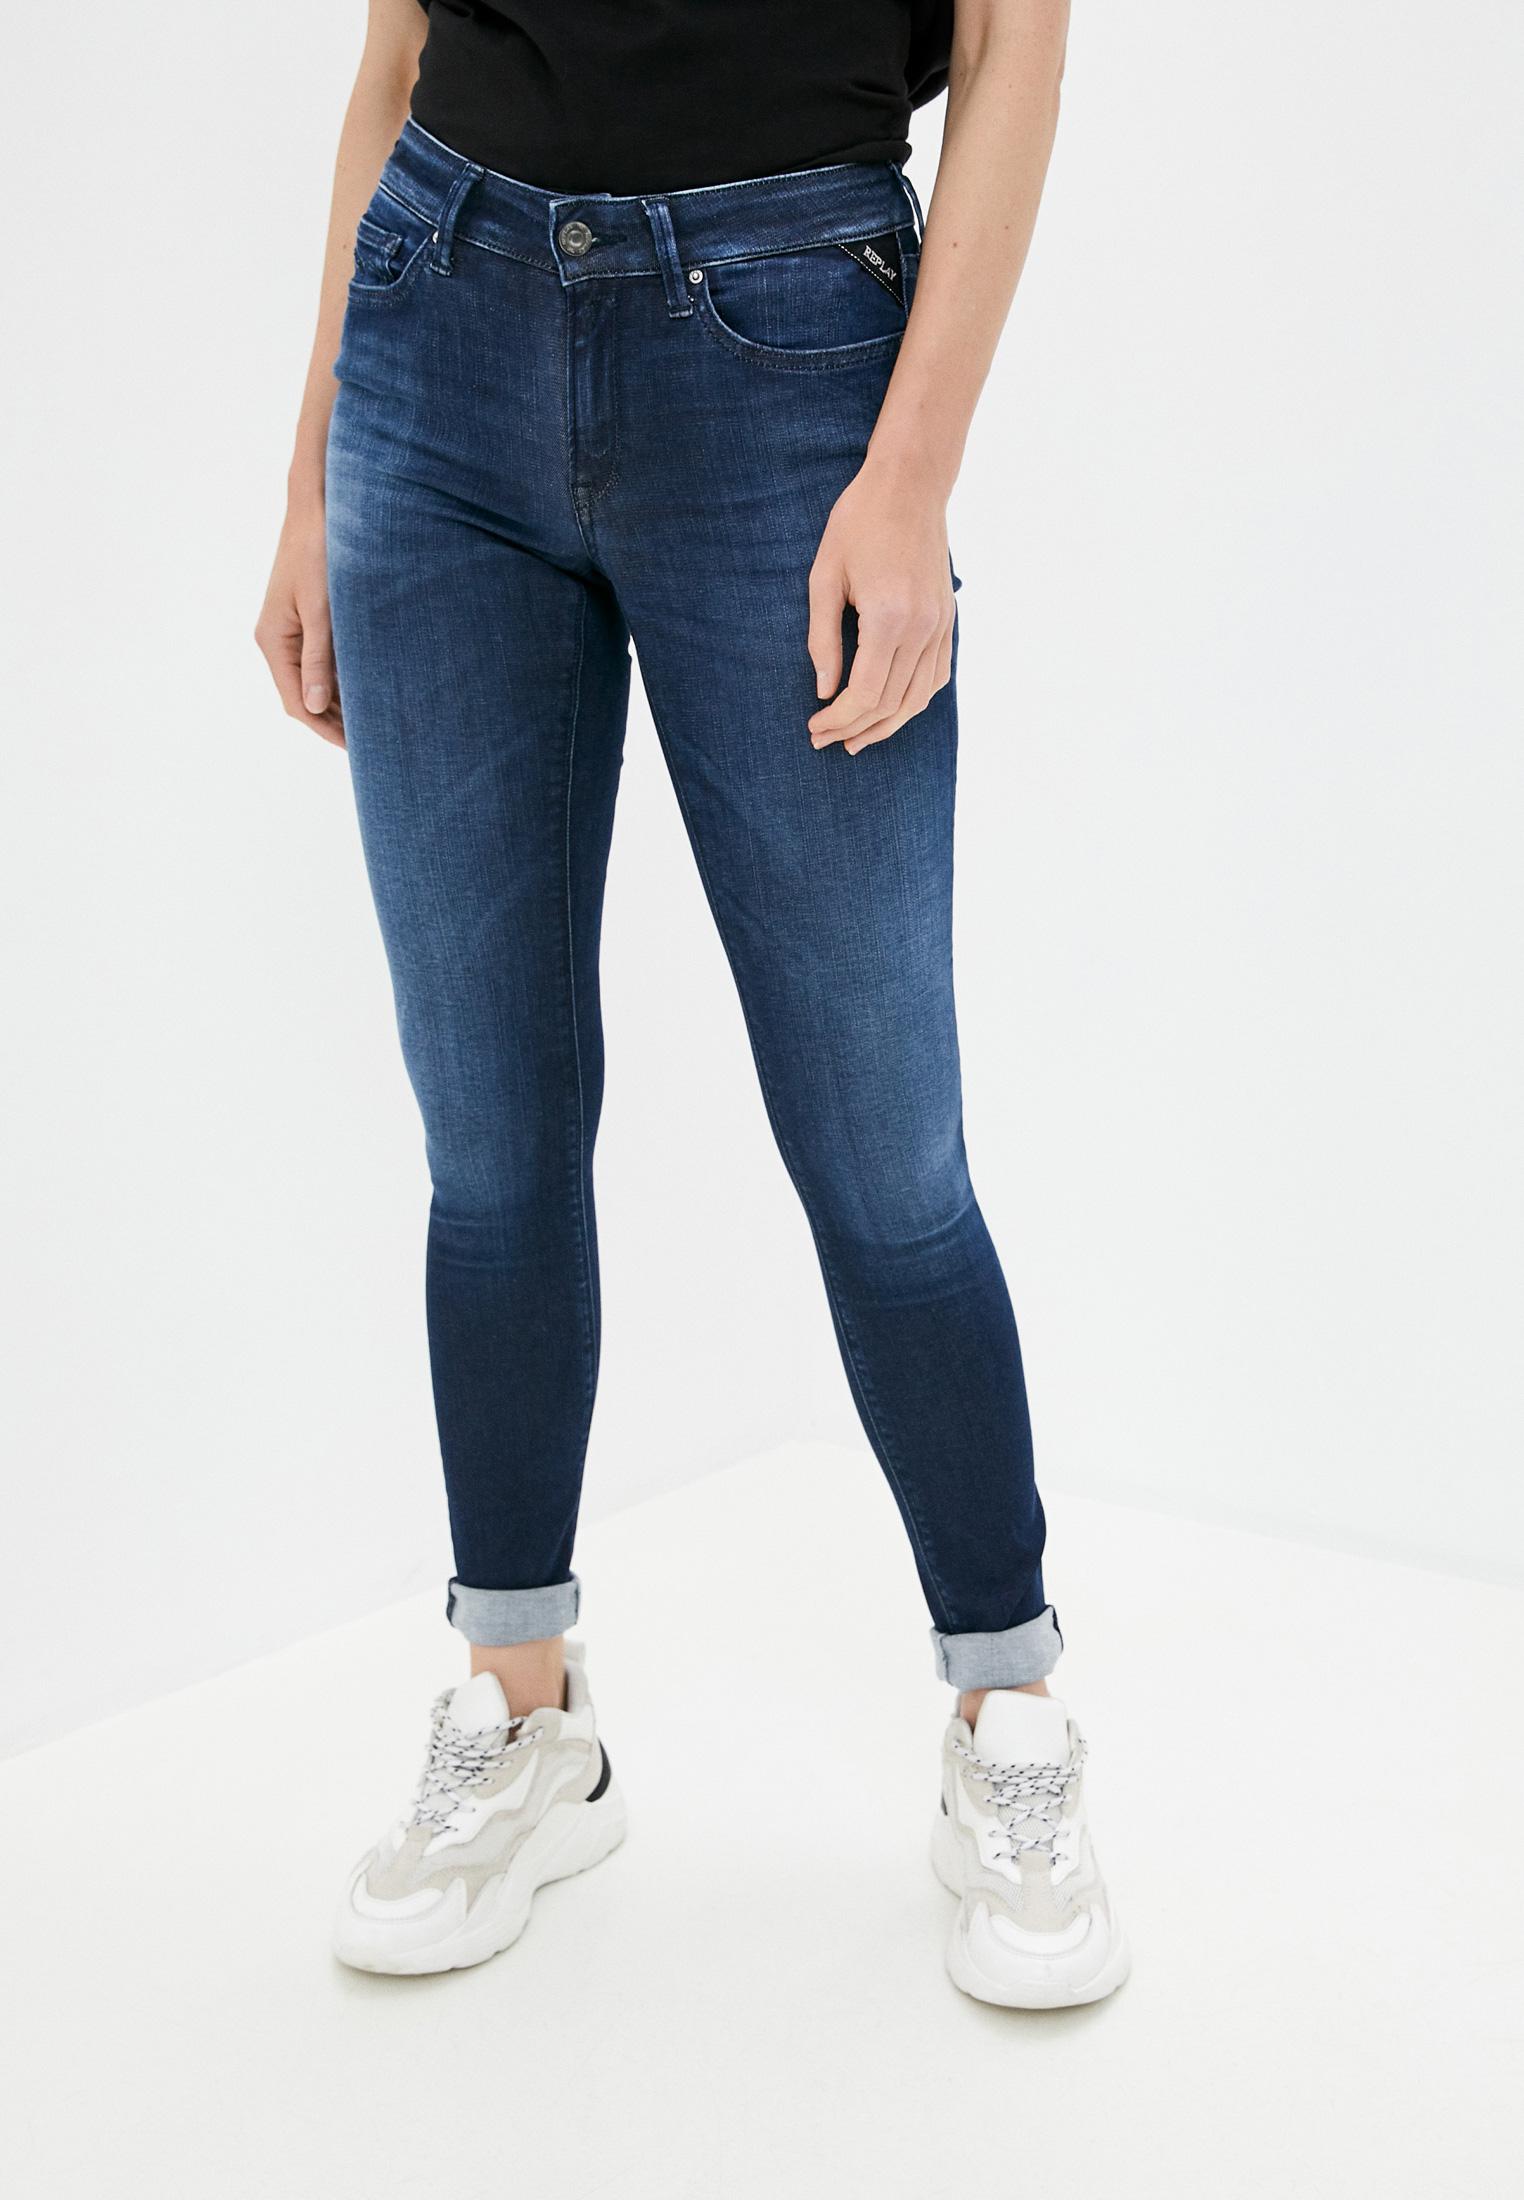 Зауженные джинсы Replay (Реплей) WH689.000.661E05